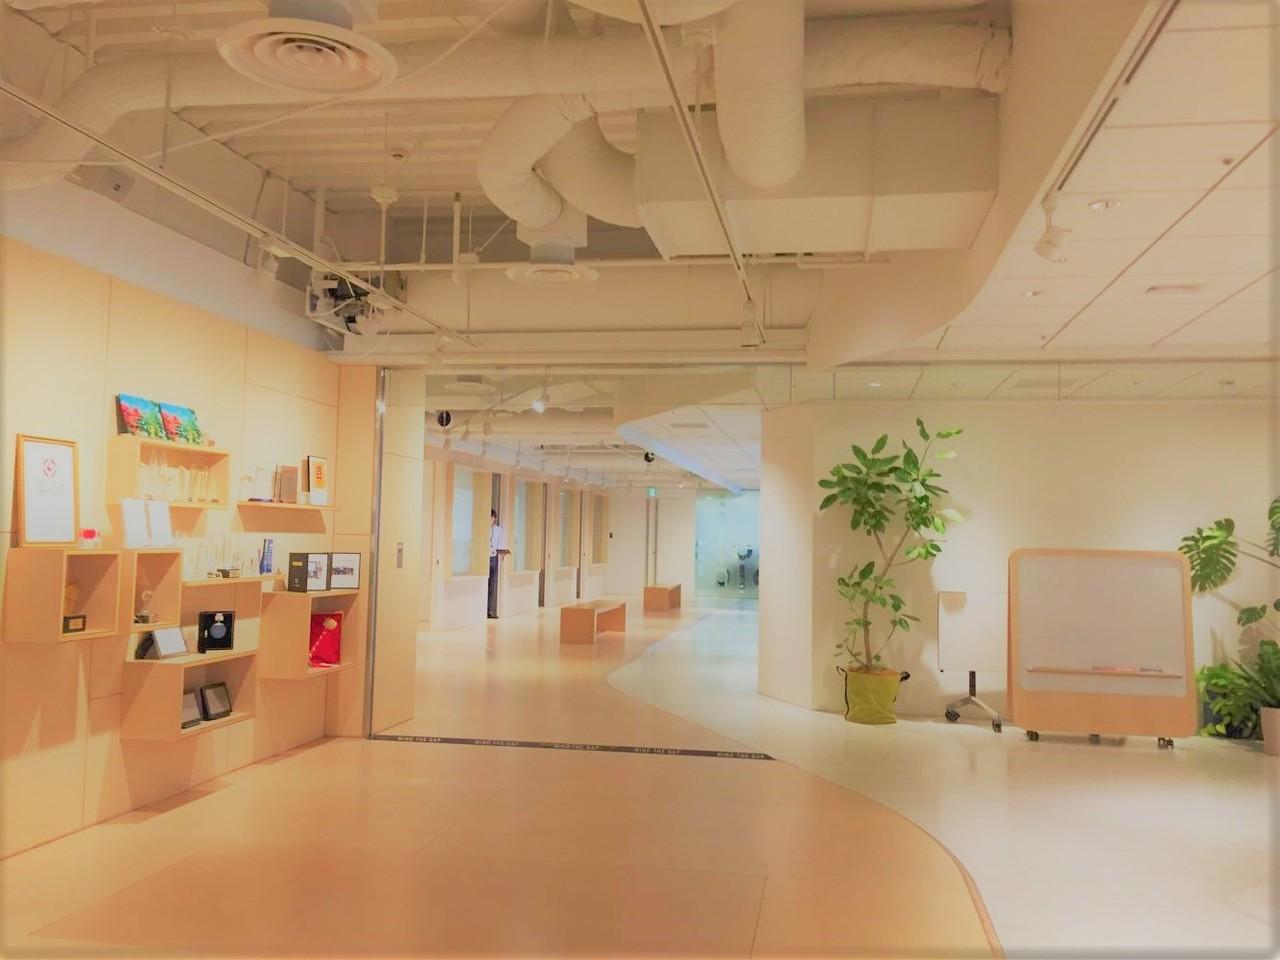 株式会社アイスタイルキャリア 東京オフィス化粧品業界の営業・スーパーバイザー(人材サービス)正社員/契約社員の求人の店内写真1